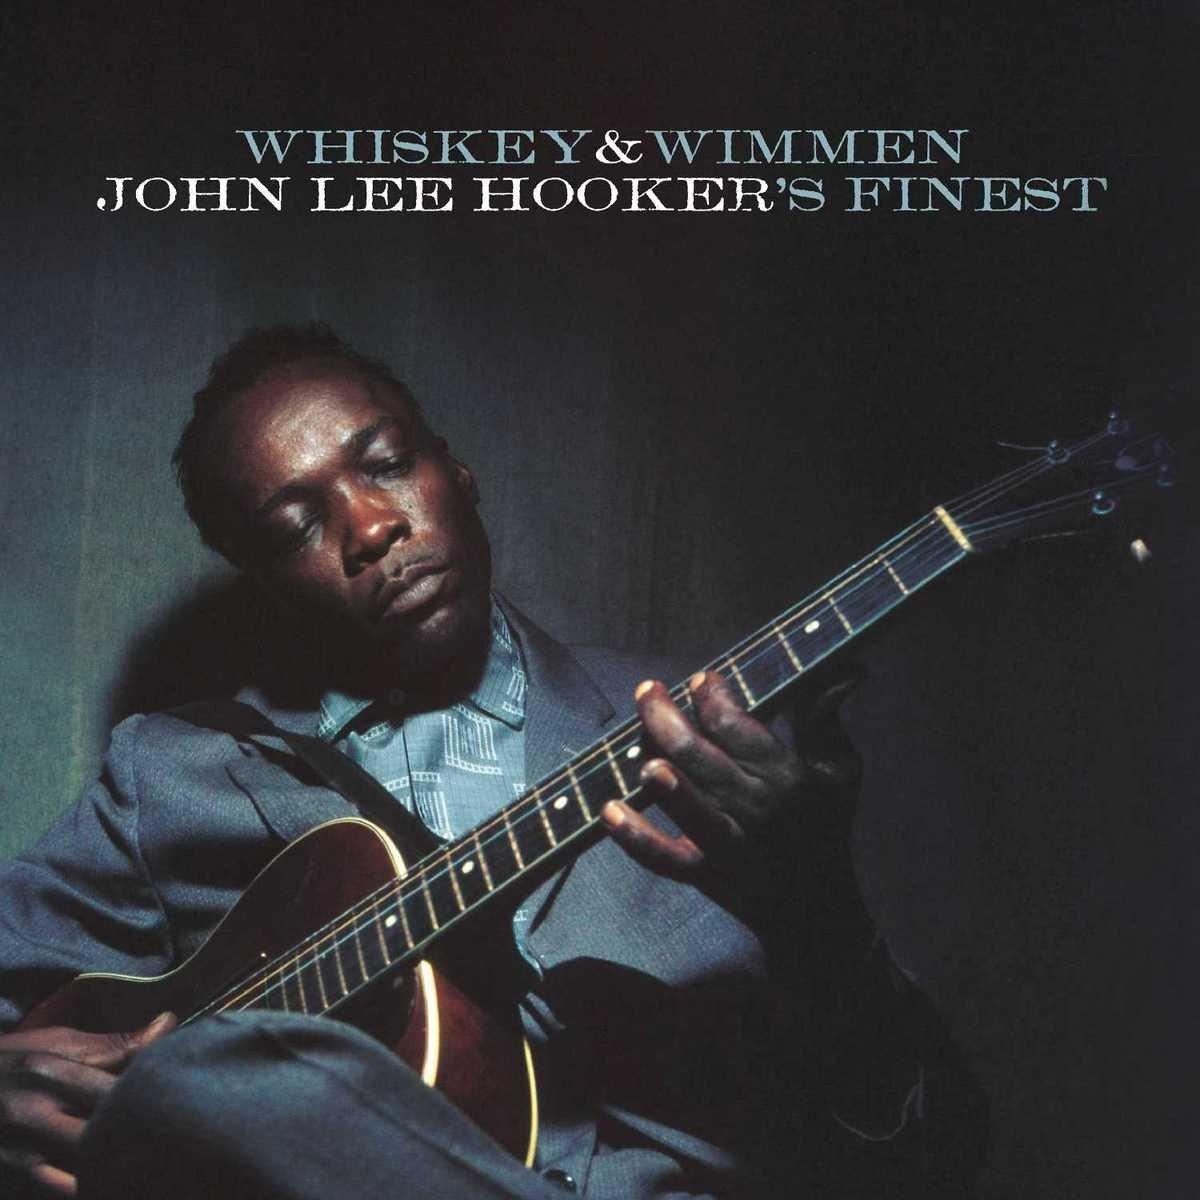 Bilderesultat for John Lee Hooker - Whiskey & Wimmen: John Lee Hooker's Finest